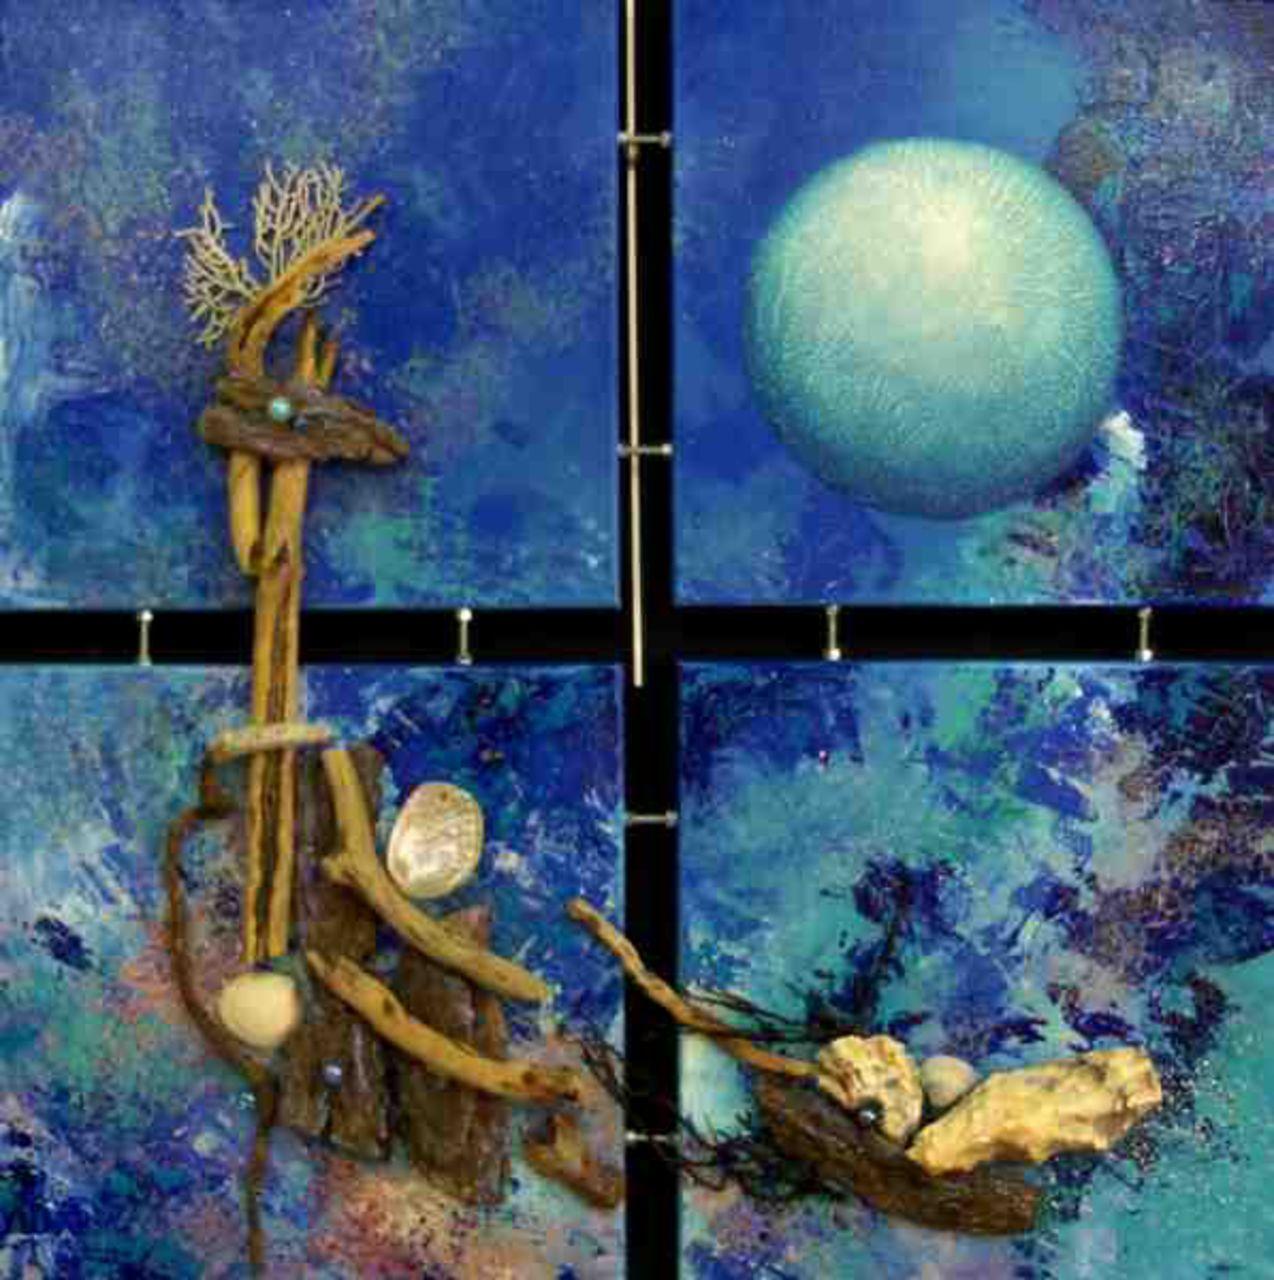 Coorens Nicole Trésor de Neptune